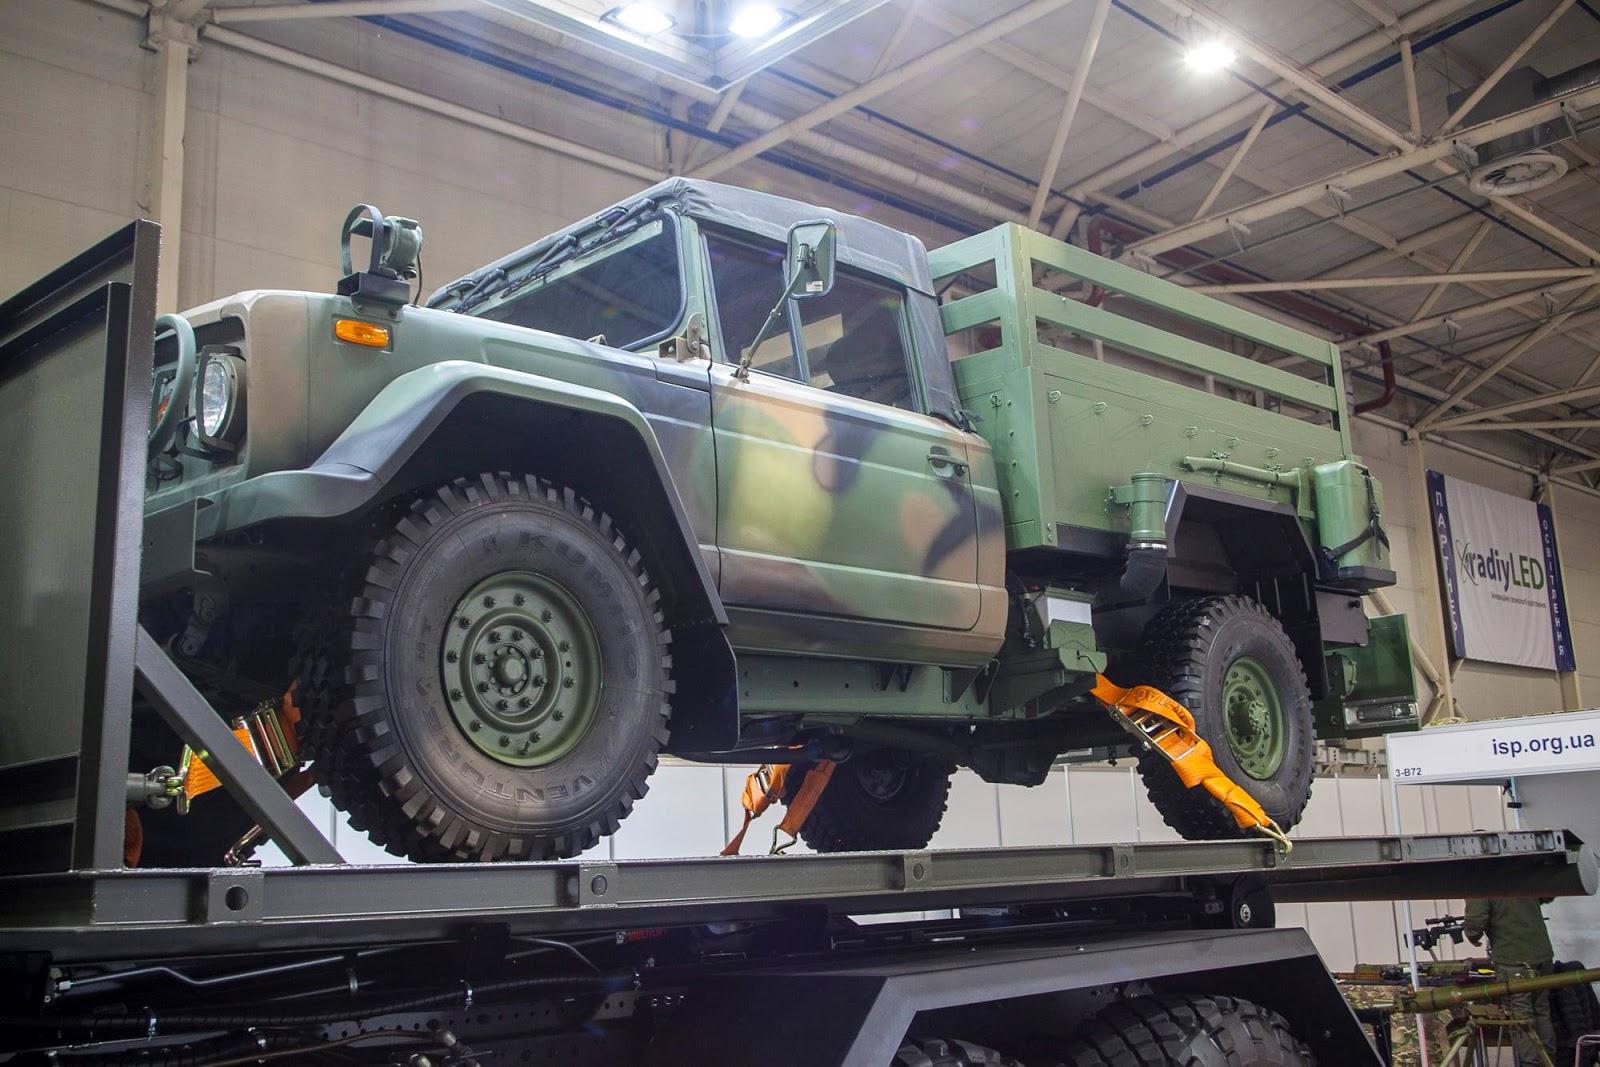 Армія отримає нові командно-штабні машини на базі позашляховика Kia